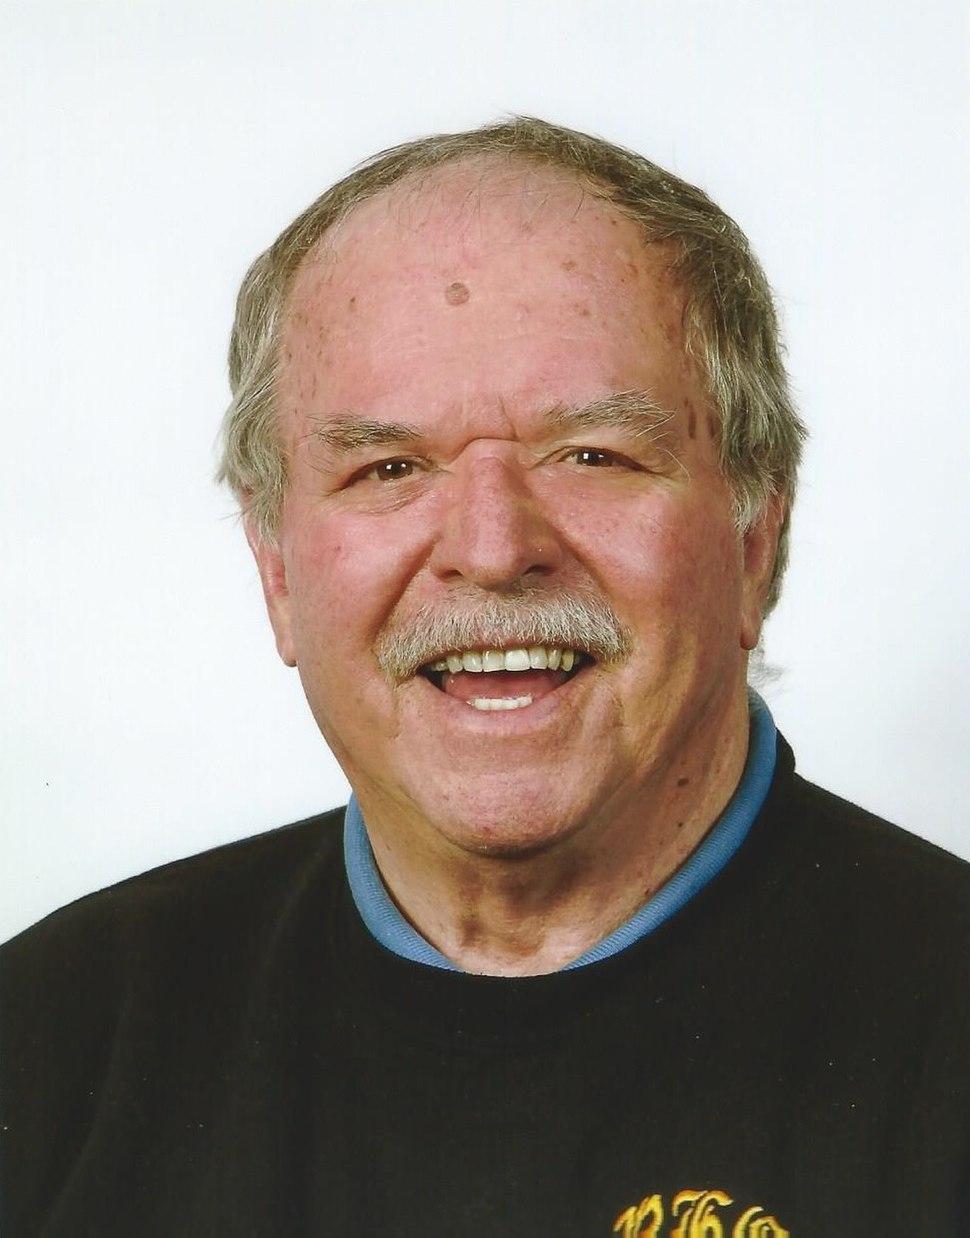 Robert Knuckle, 2014